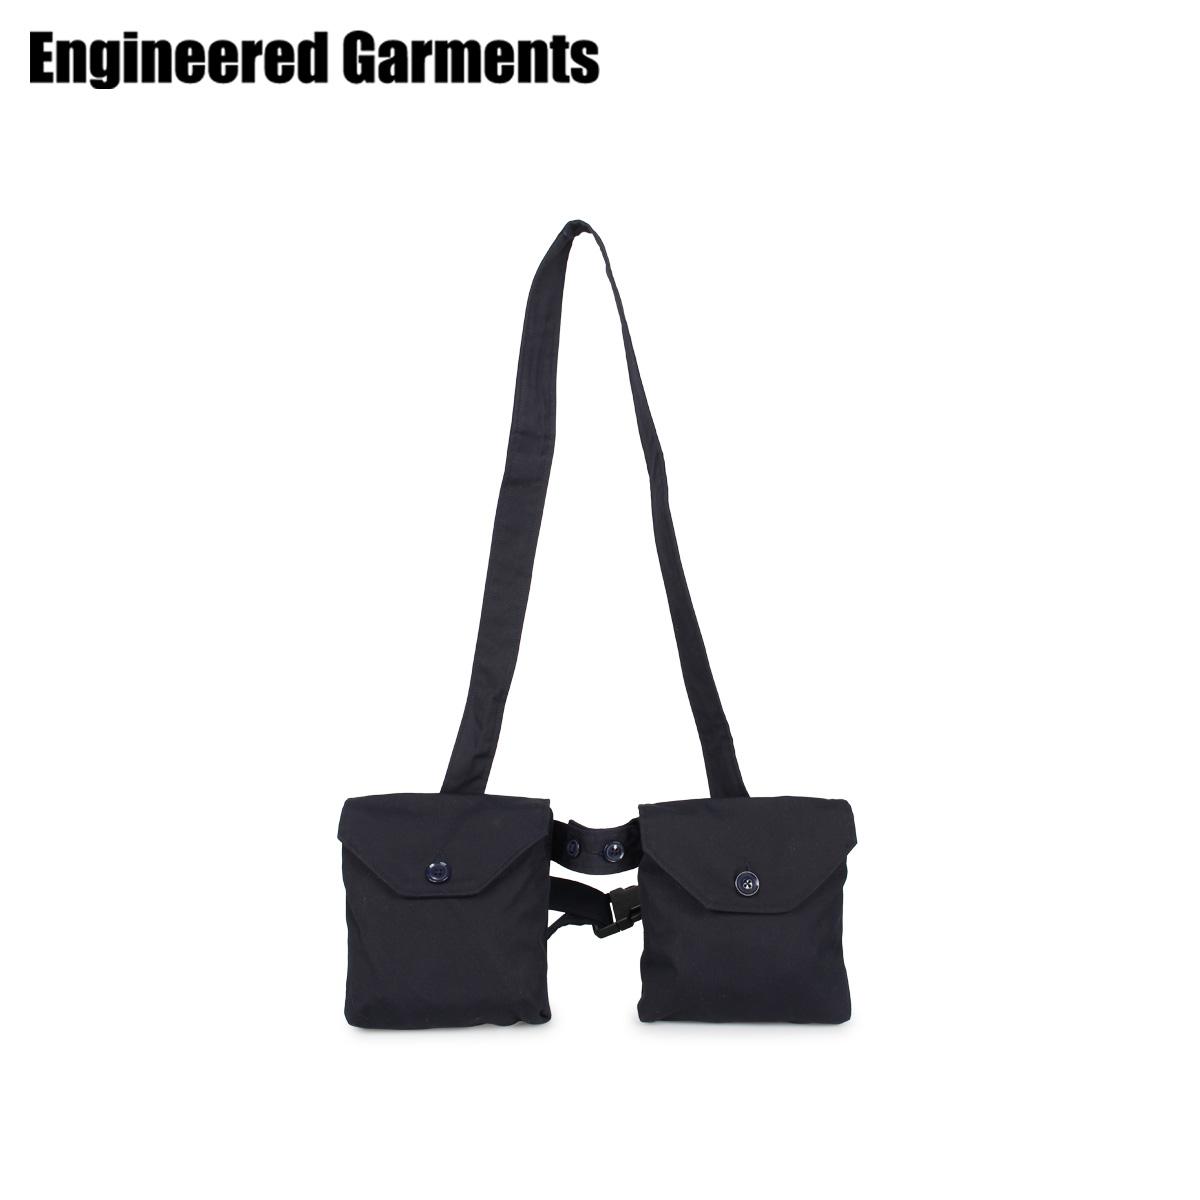 ENGINEERED GARMENTS エンジニアドガーメンツ バッグ ウエストバッグ ボディバッグ メンズ WAIST BAG ネイビー 20S1H028 [4/22 新入荷]